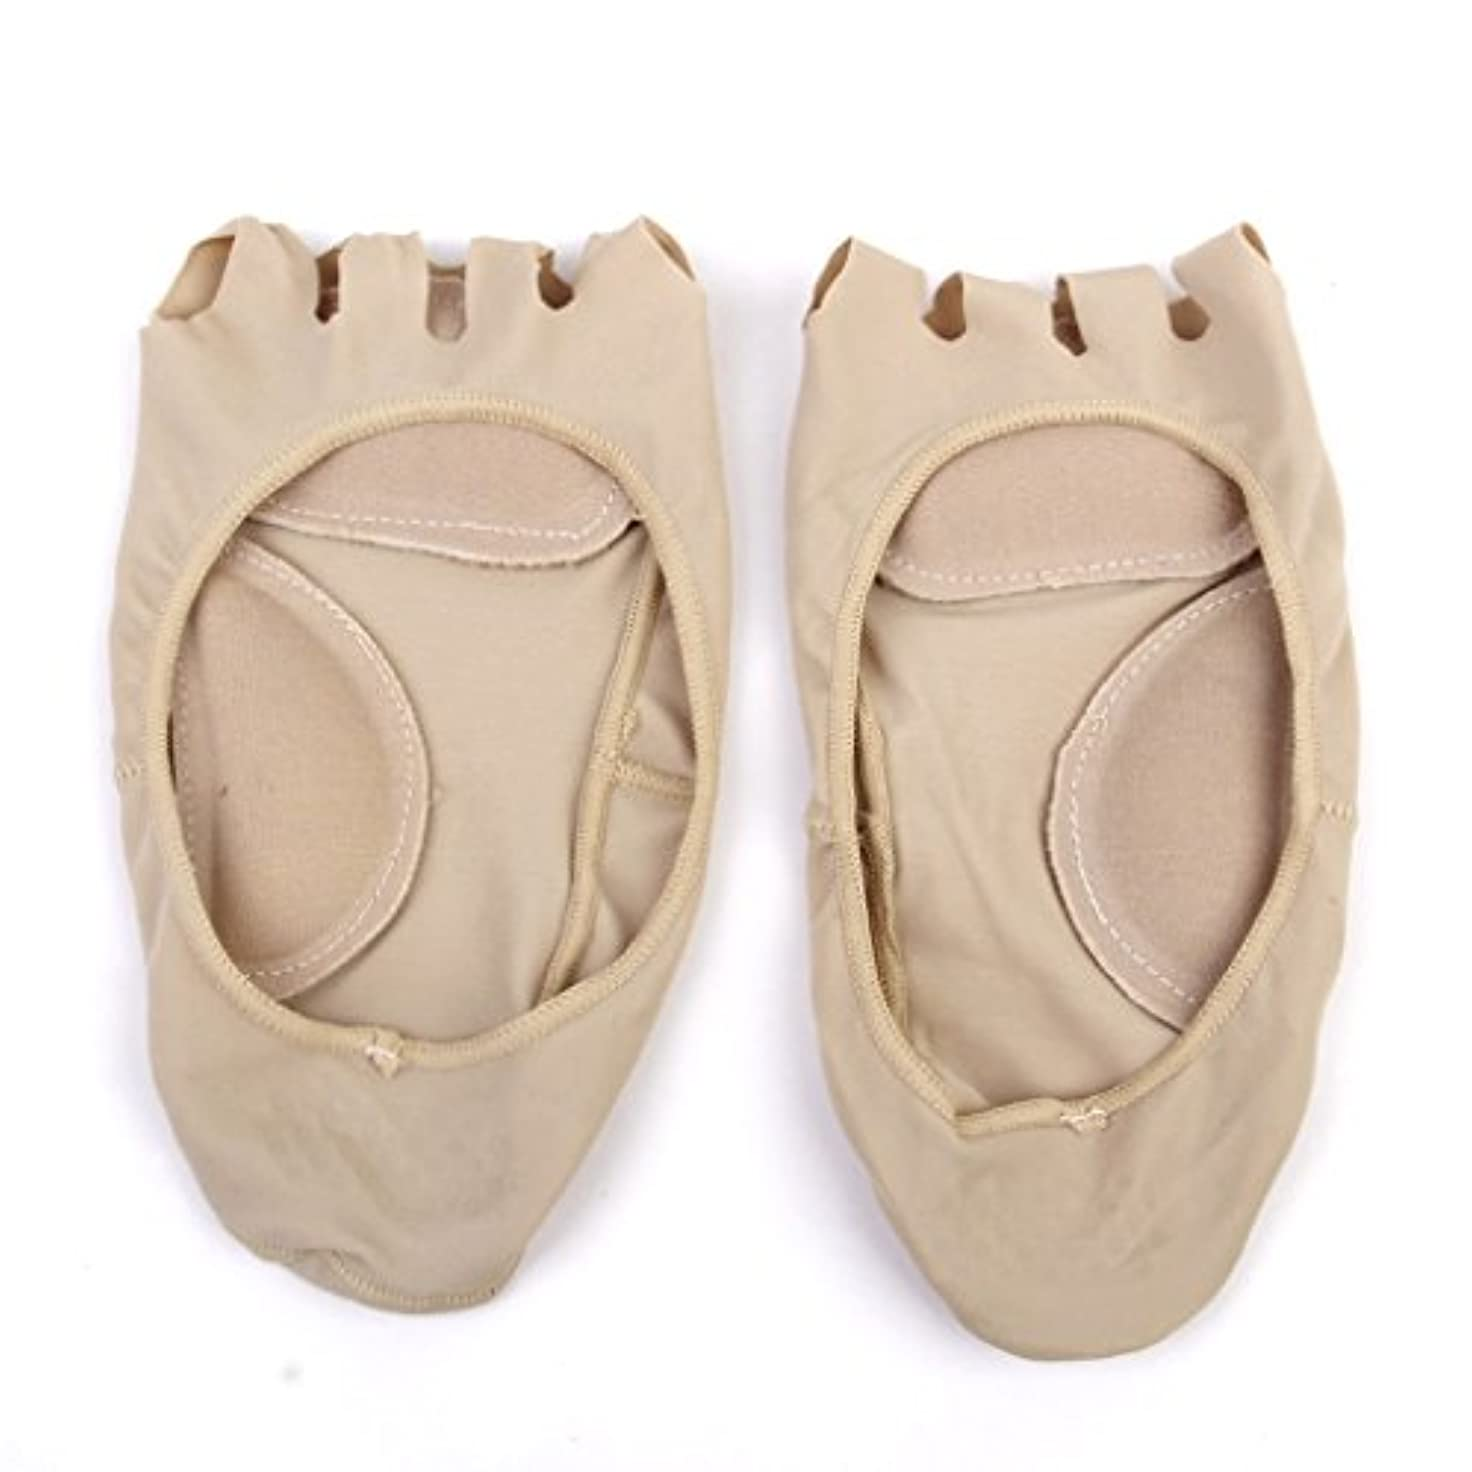 ウォーターフロント記念碑的な栄光の【Footful】ソックス 靴下 5つ本指つま先 ボートソックス マッサージパッド 見えない 滑り止め アンクルソックス (ヌード)